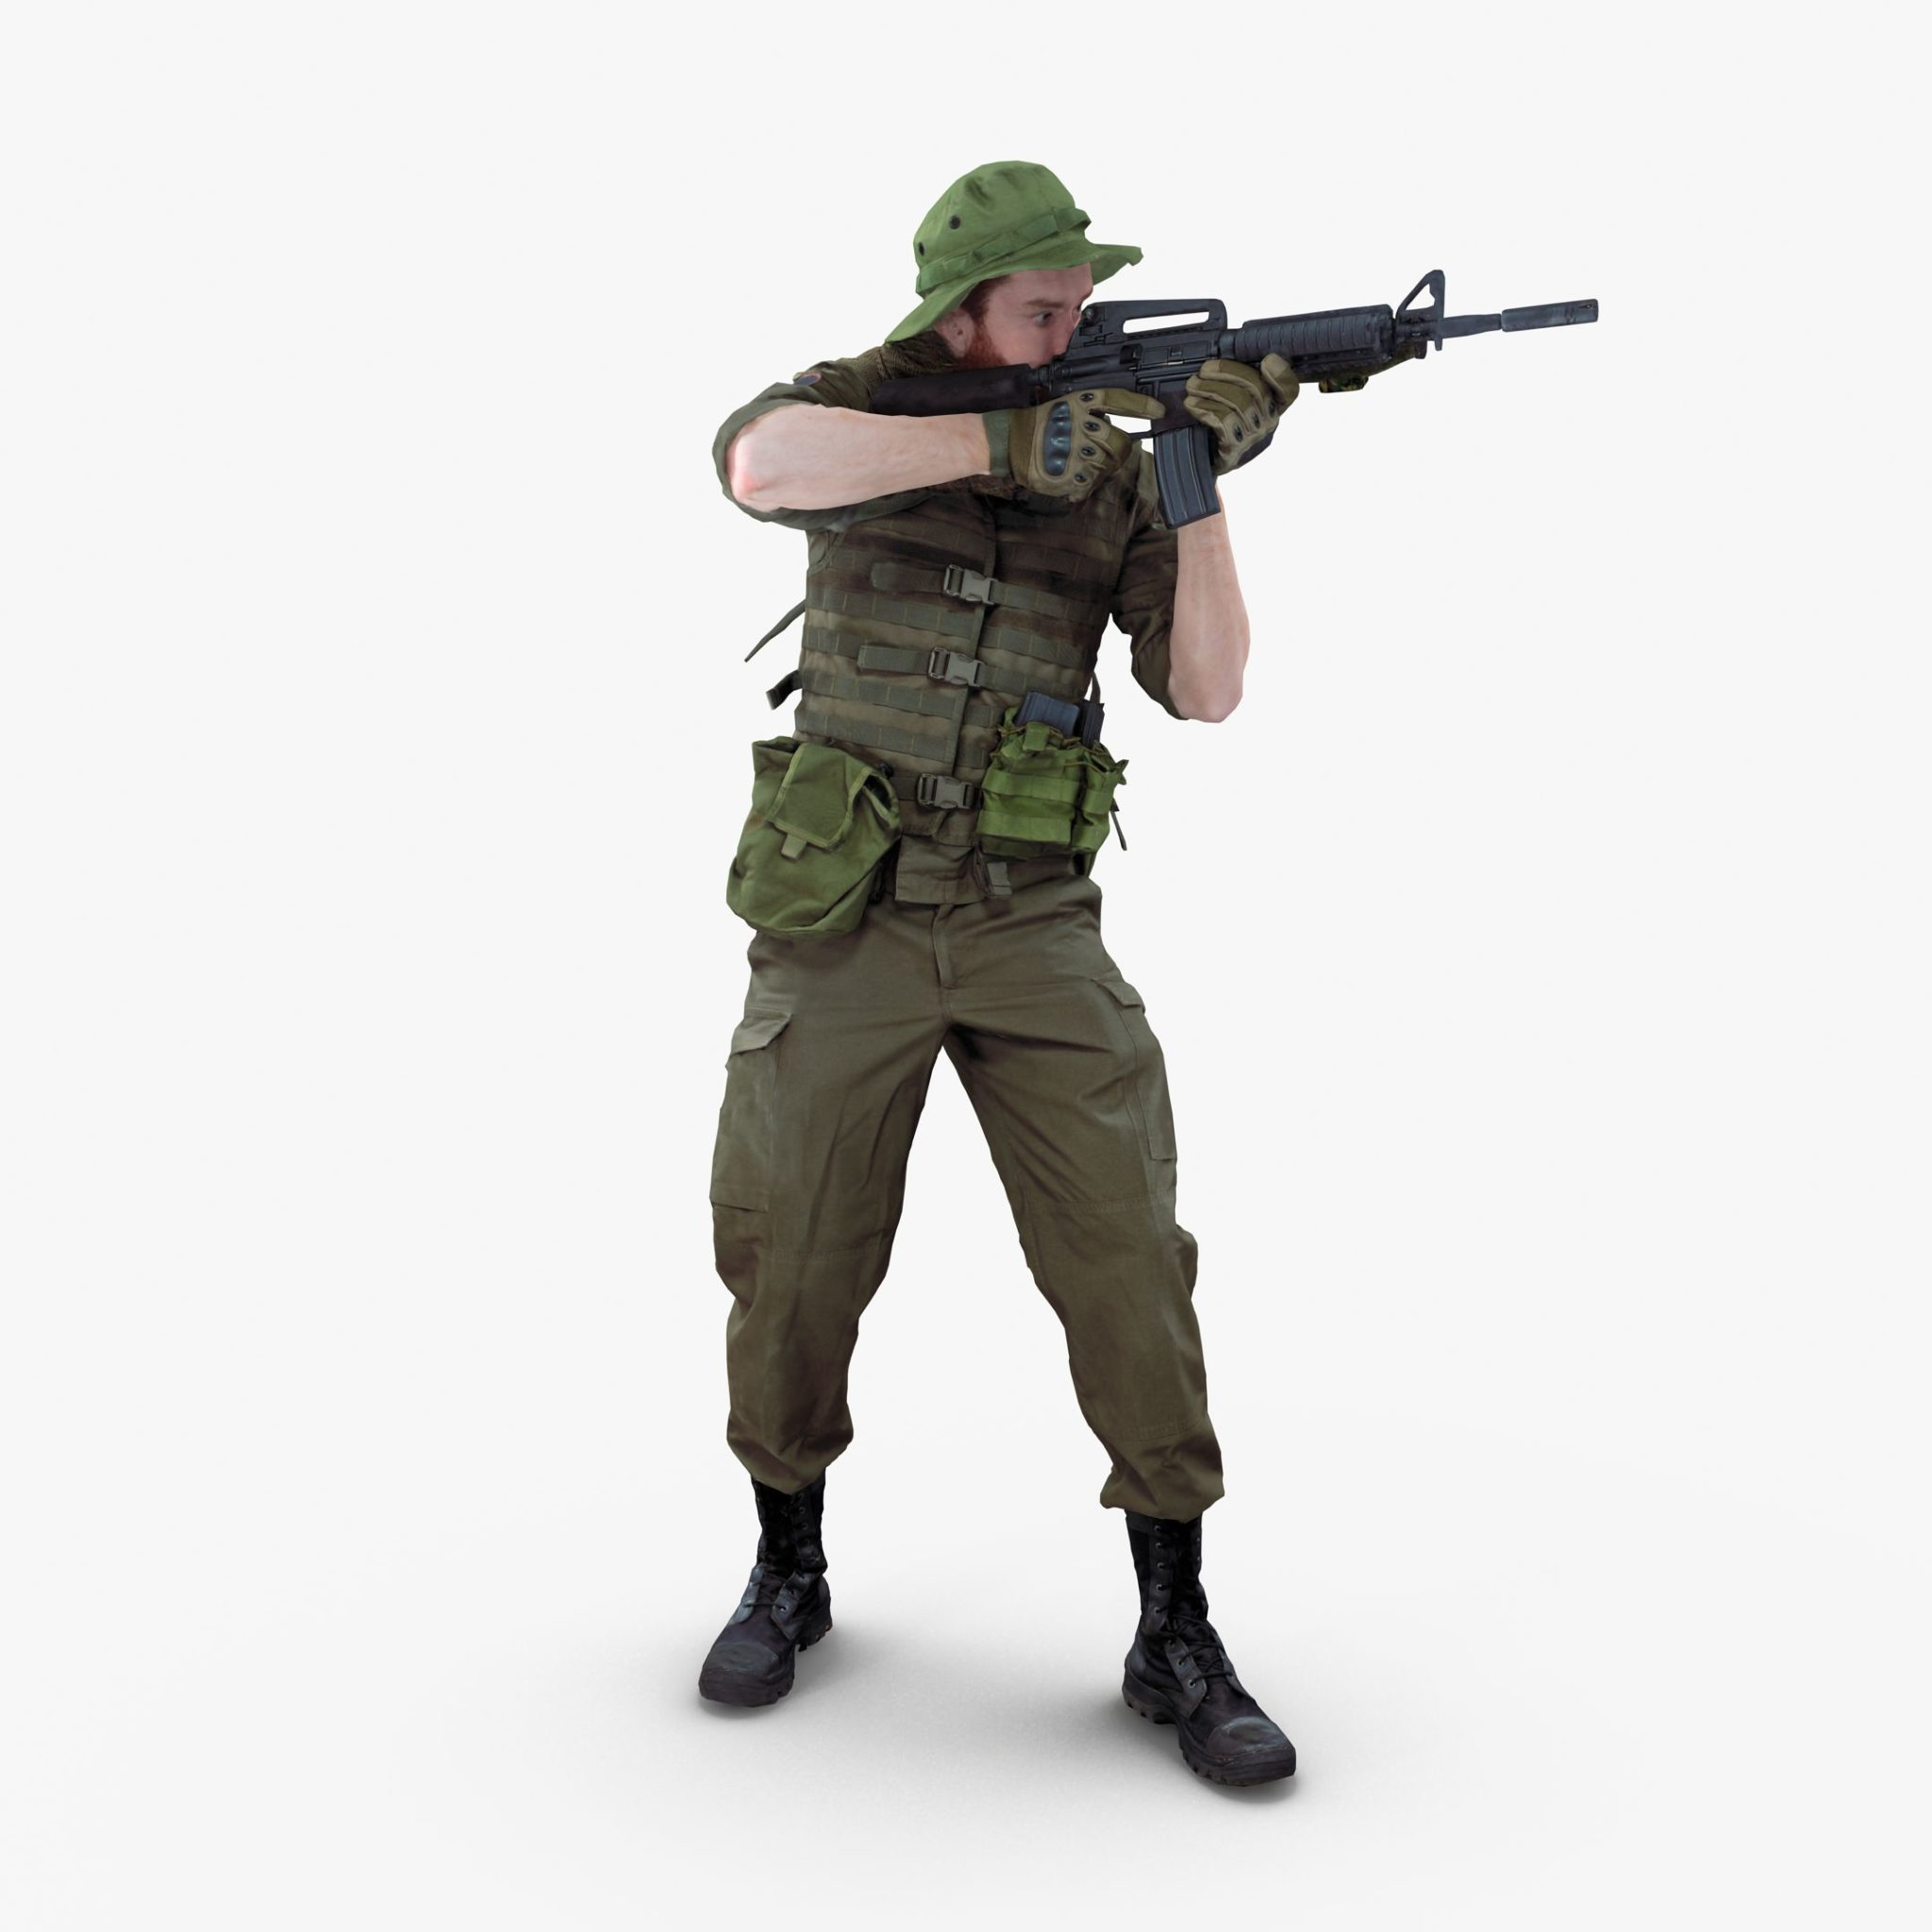 Soldier Standing 3D Model | 3DTree Scanning Studio